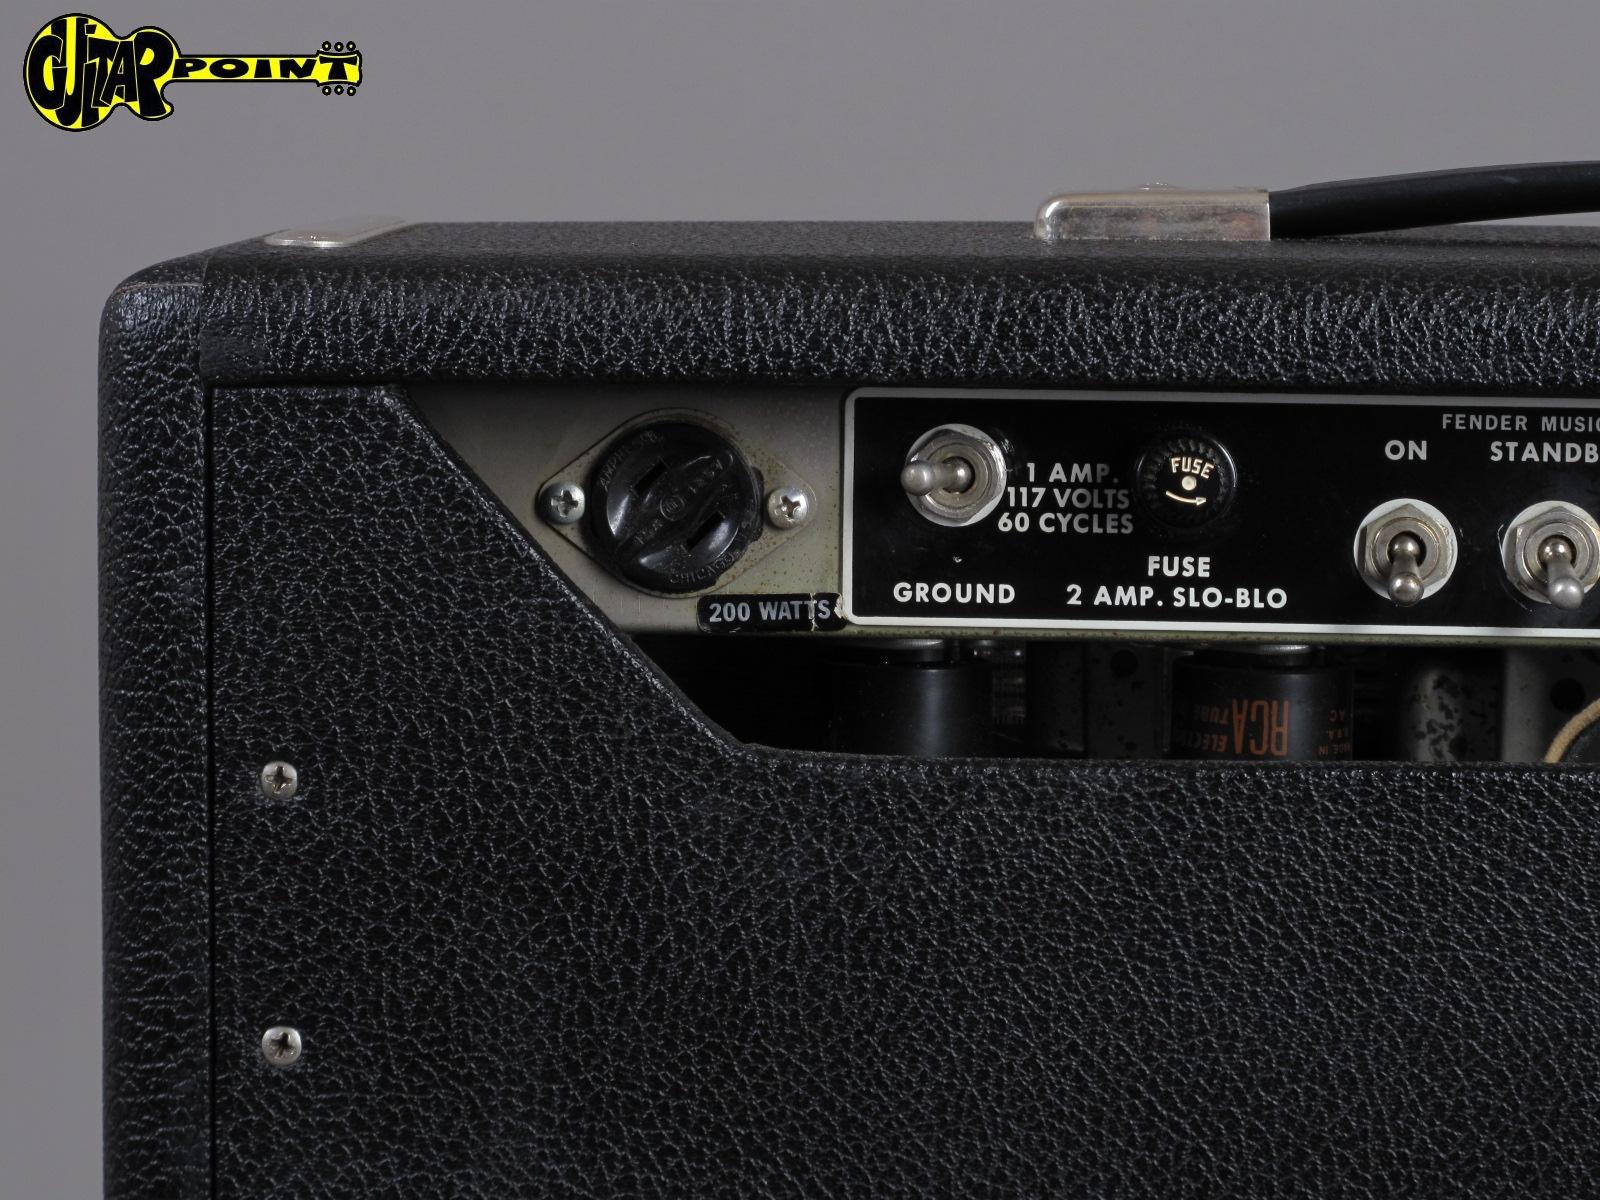 1965 Fender Deluxe Amp